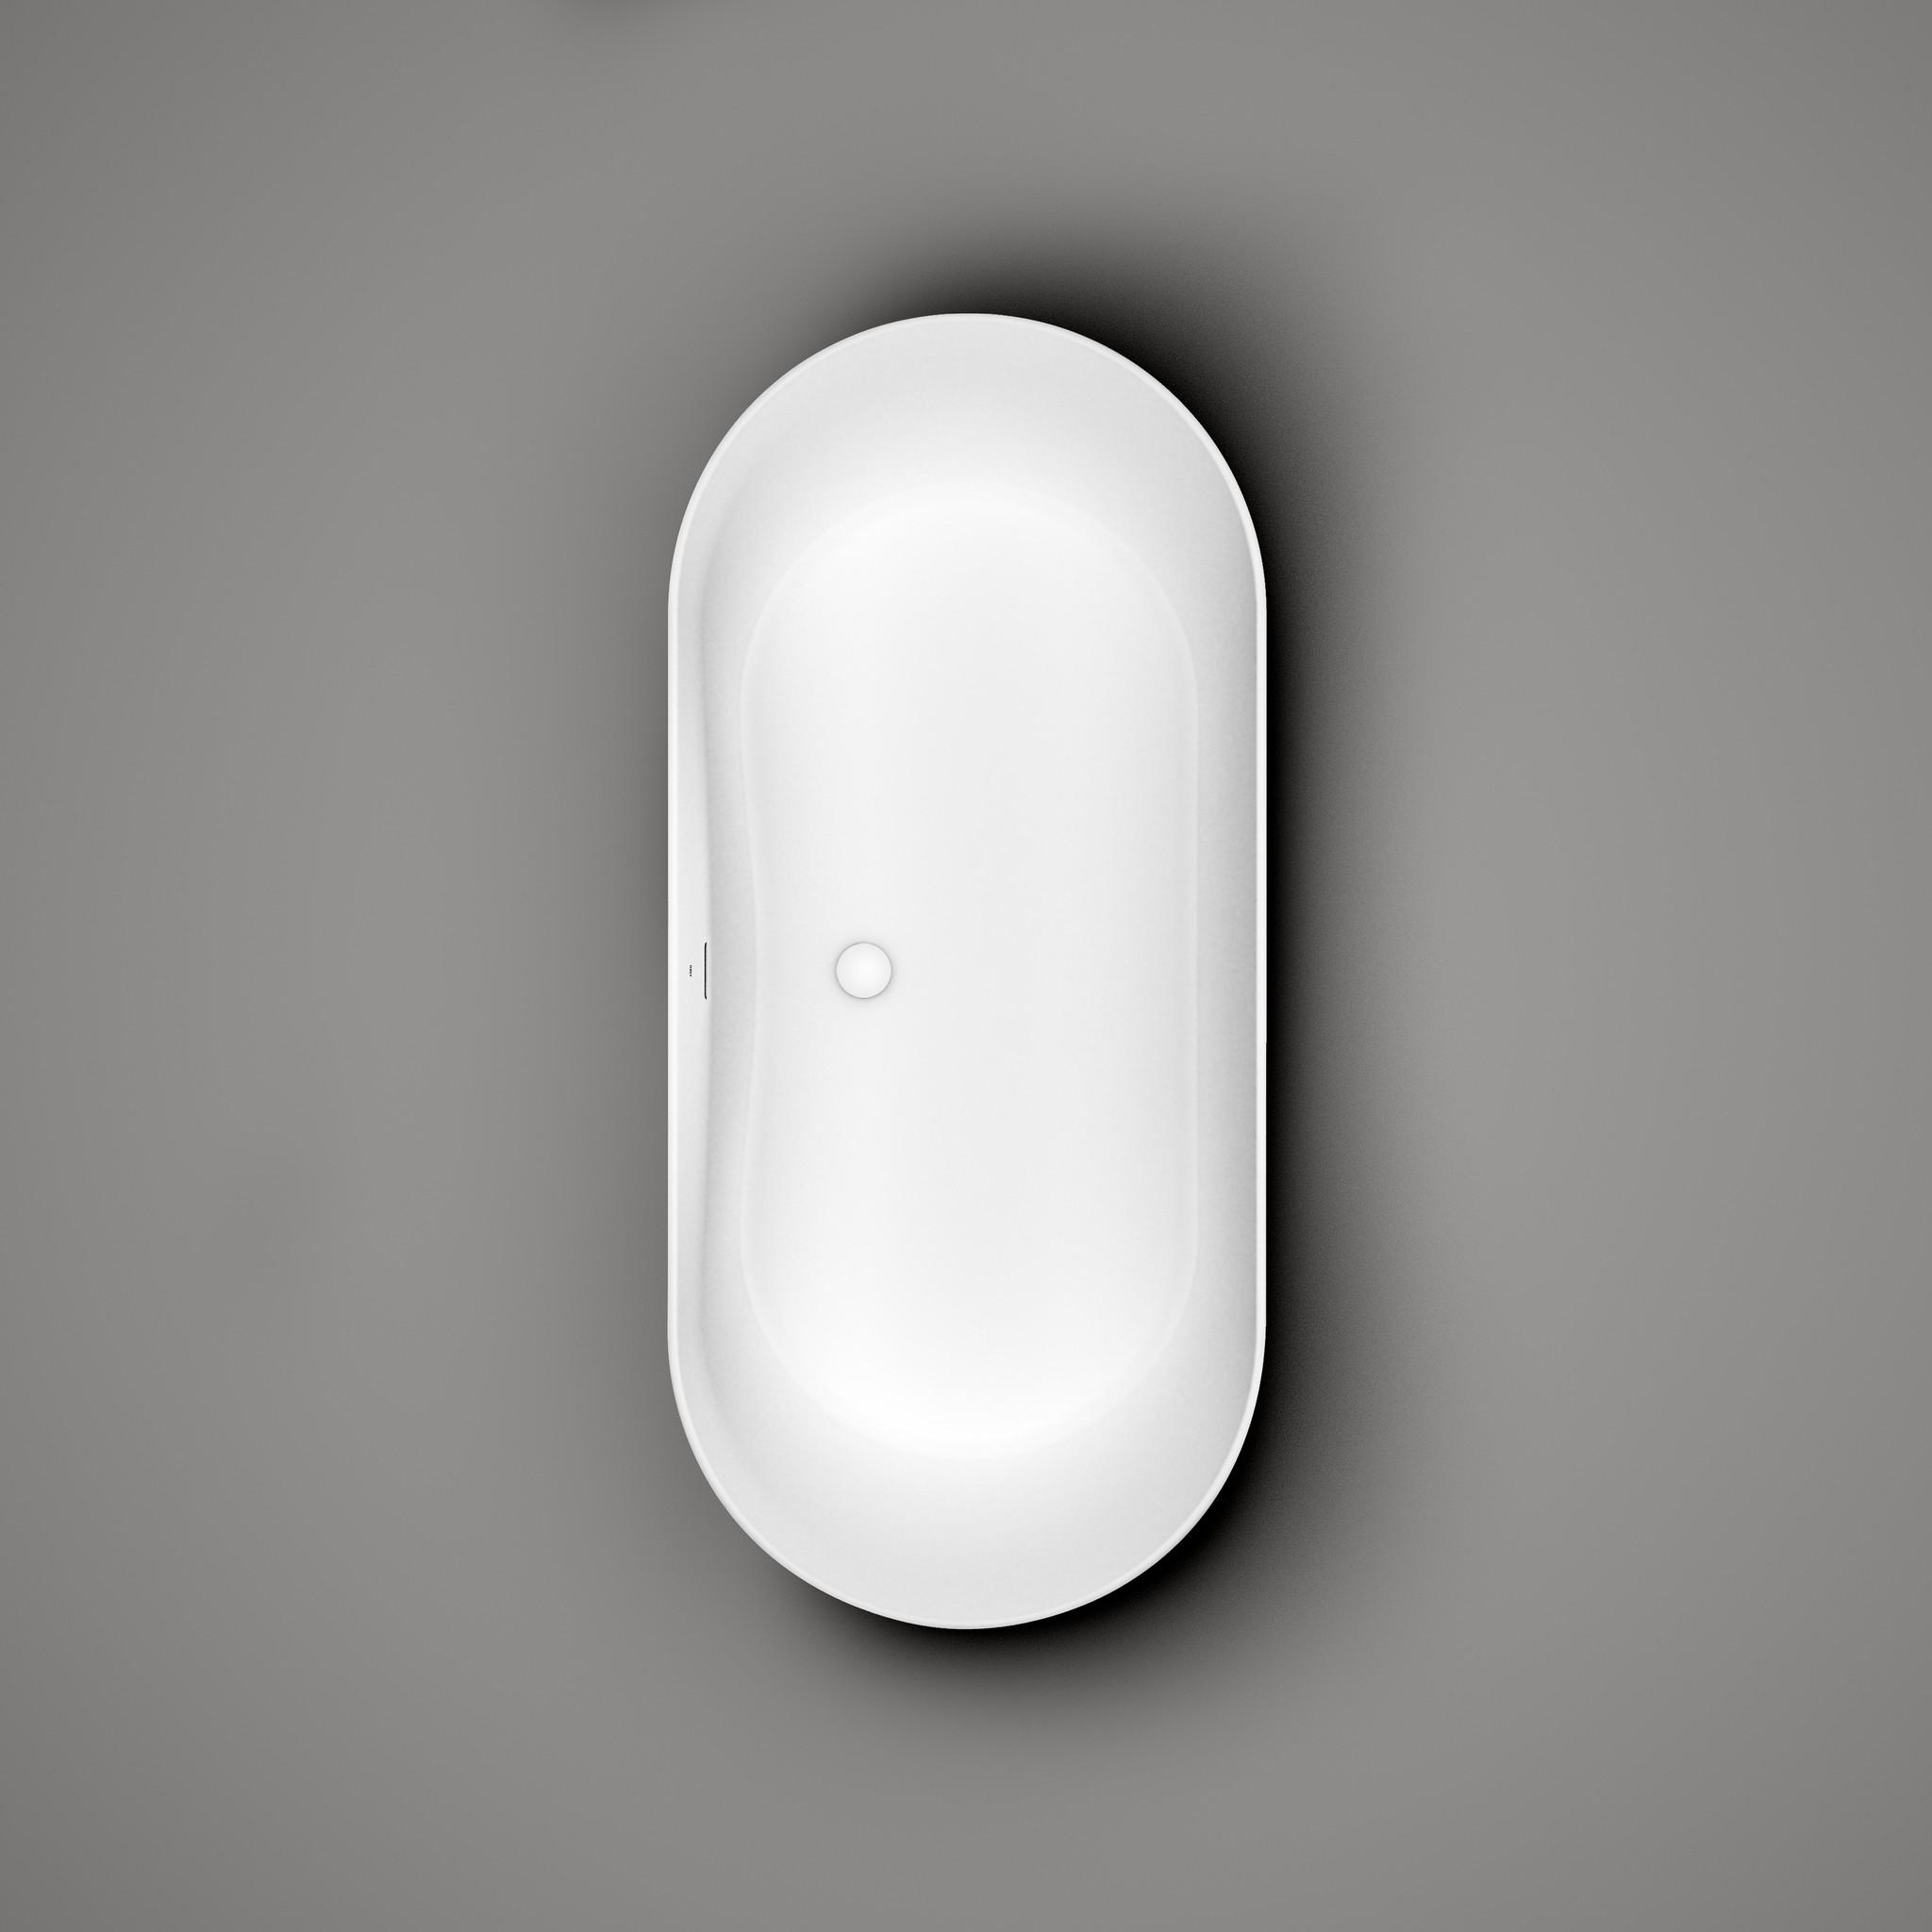 Solium Klikventiel voor CL/1077.5100 en CL/1091.5000 incl. stop-go techniek, mat wit